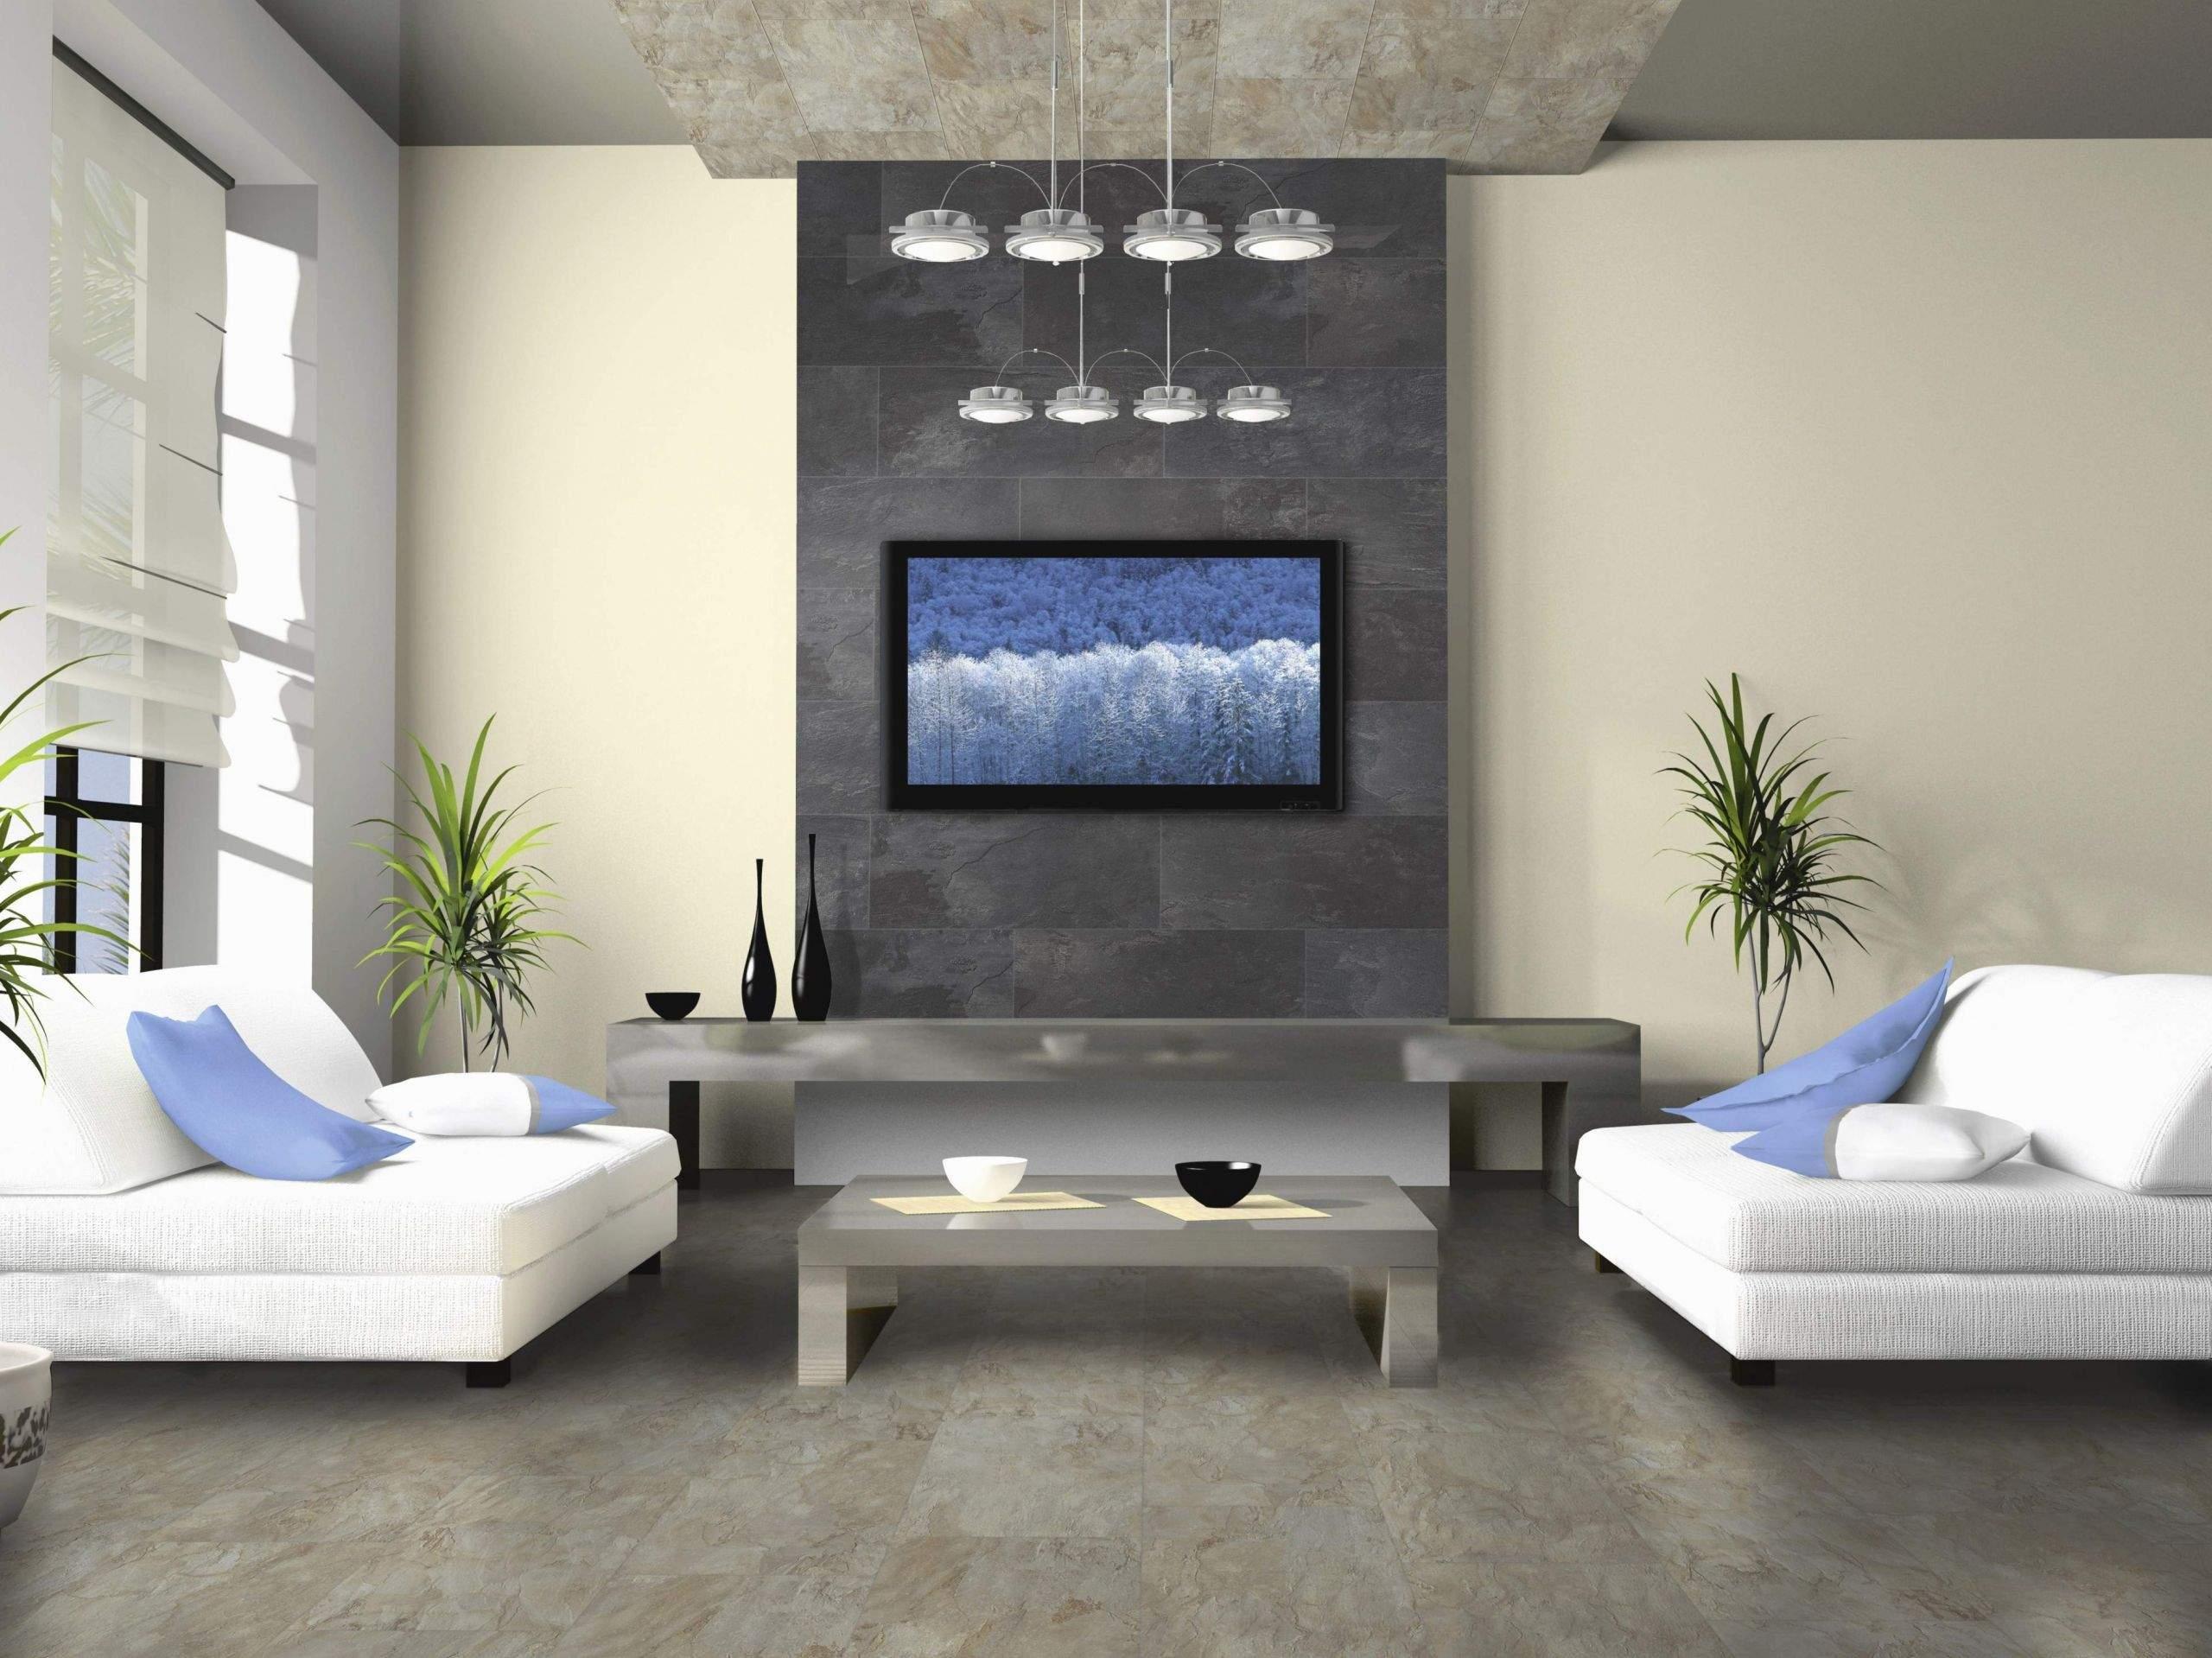 wohnzimmer pflanzen elegant dekoration wohnzimmer reizend wohnzimmer wand 0d of wohnzimmer pflanzen scaled